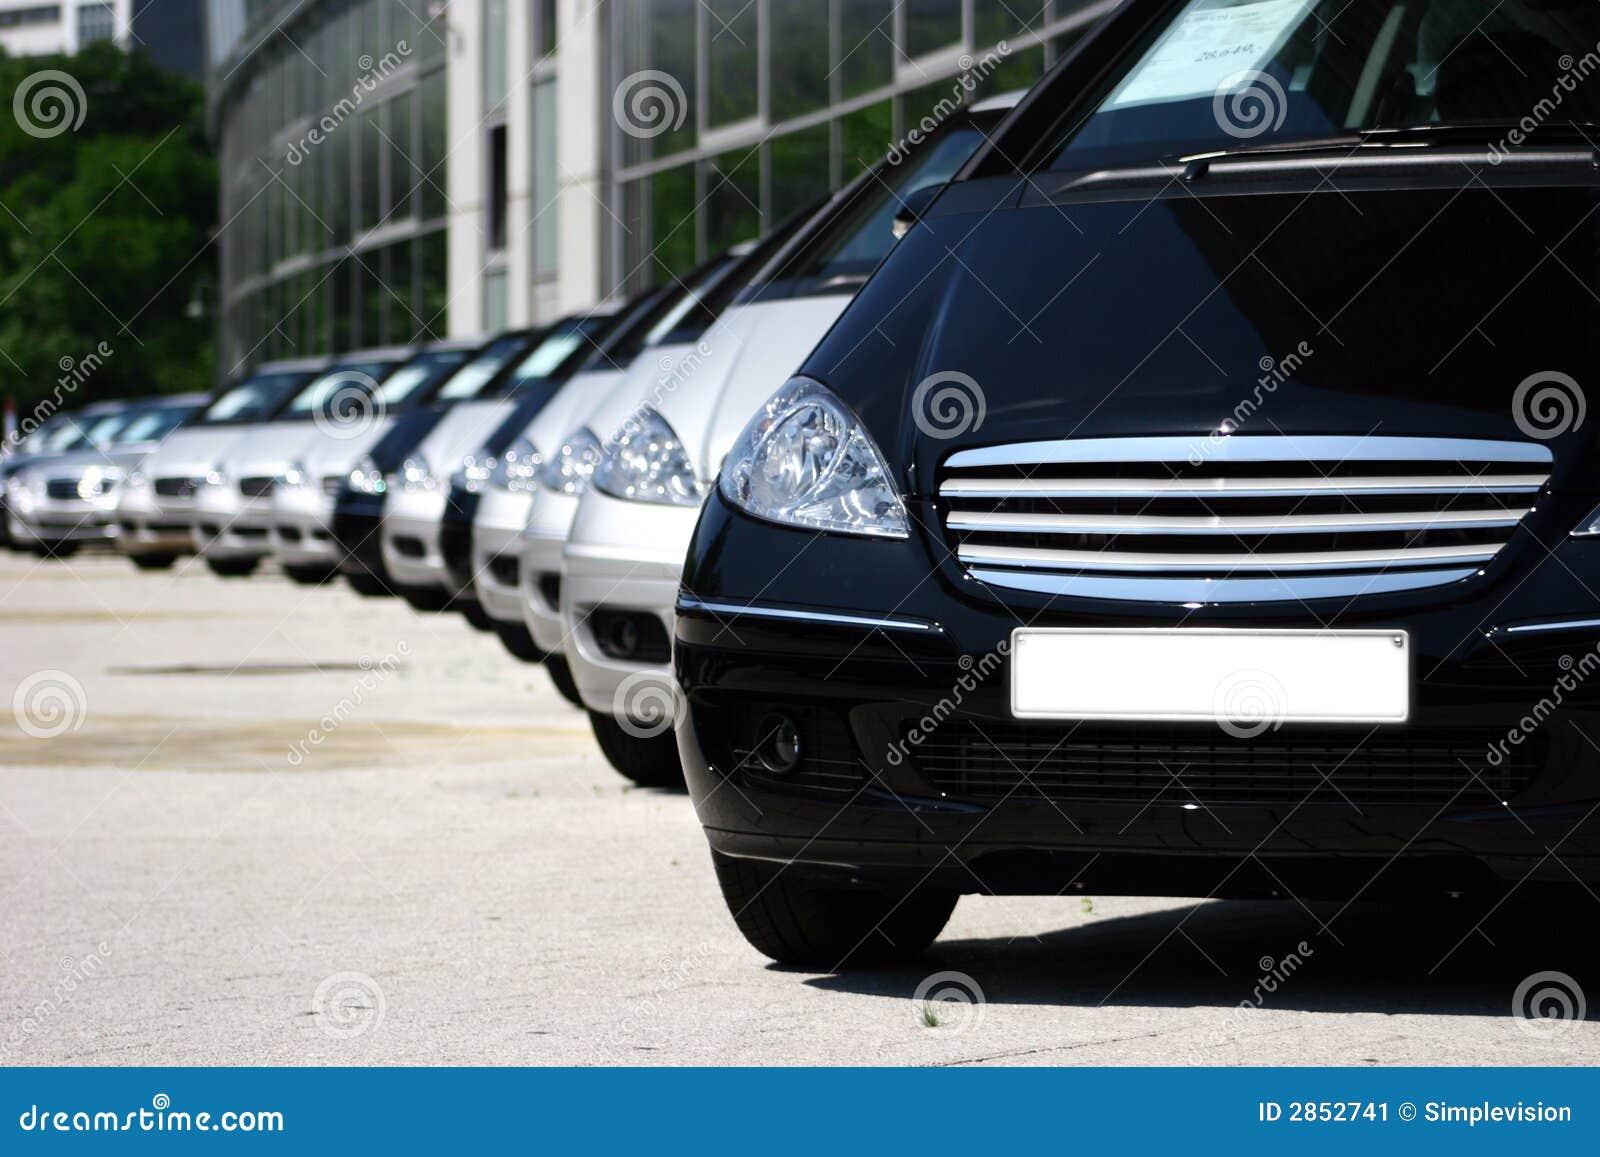 Samochody.